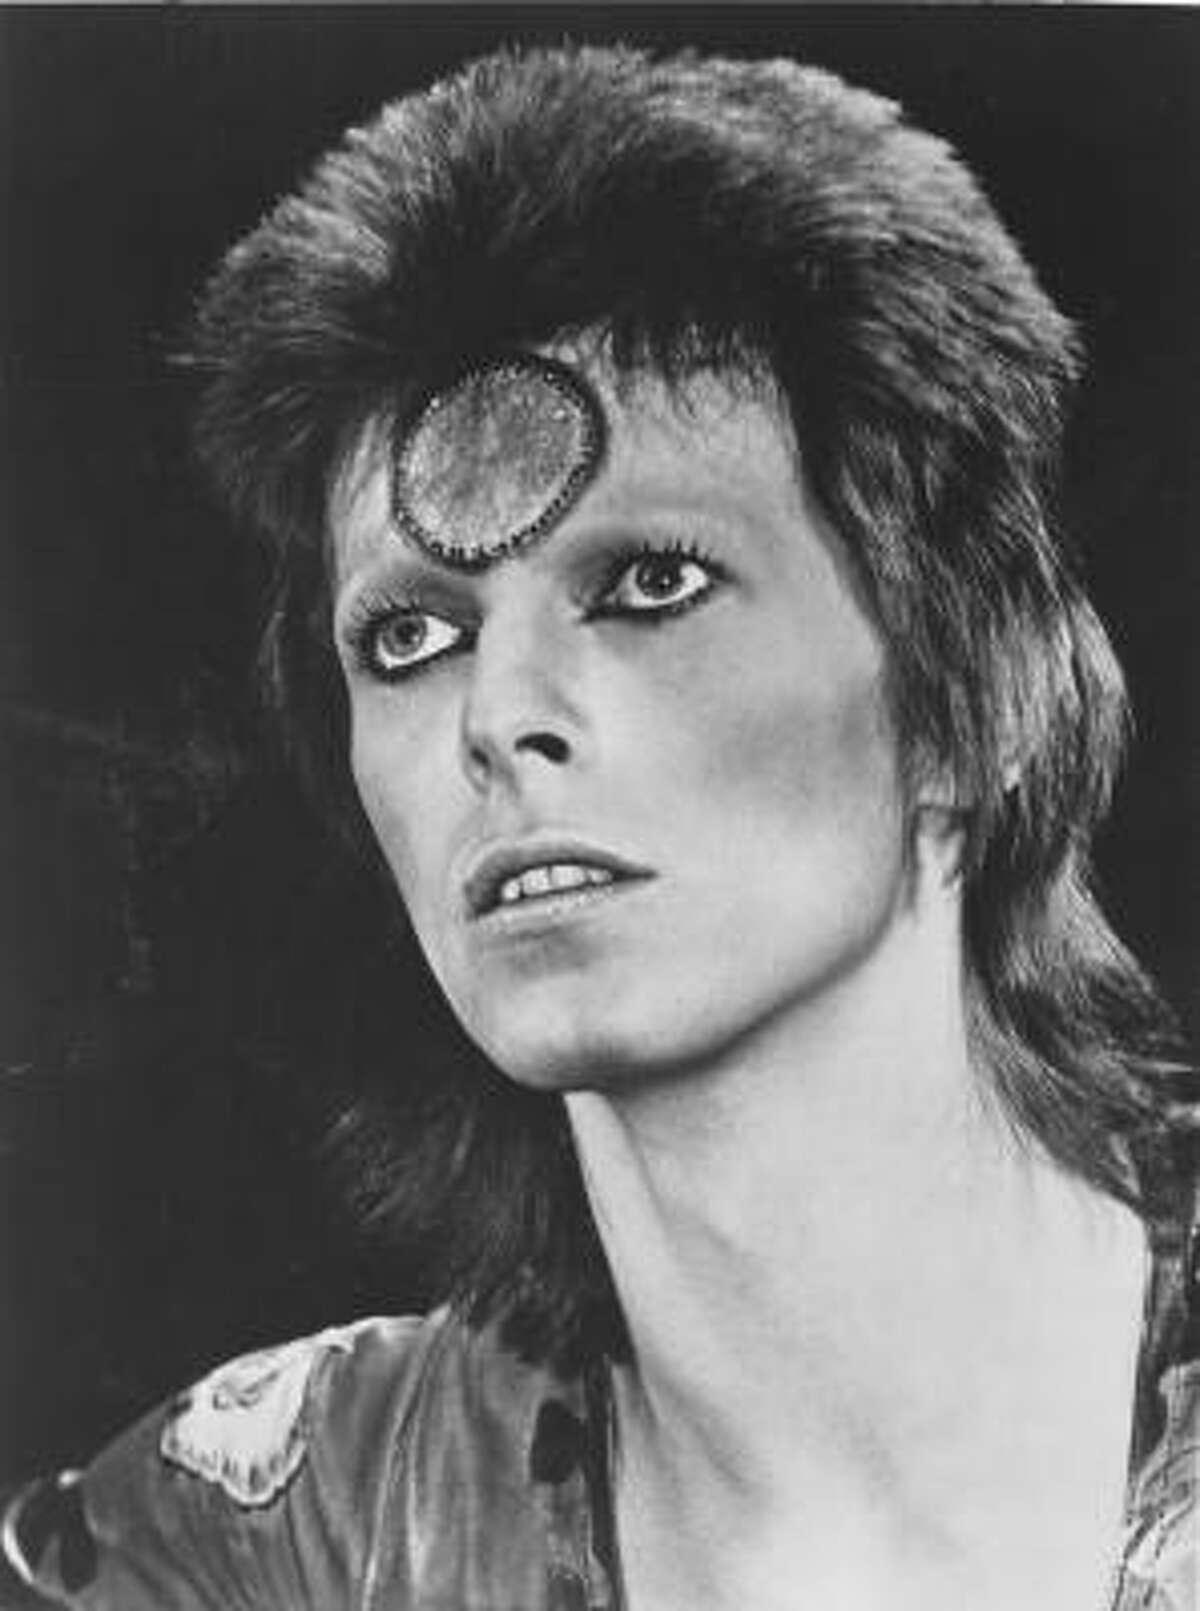 David Bowie, aka Ziggy Stardust